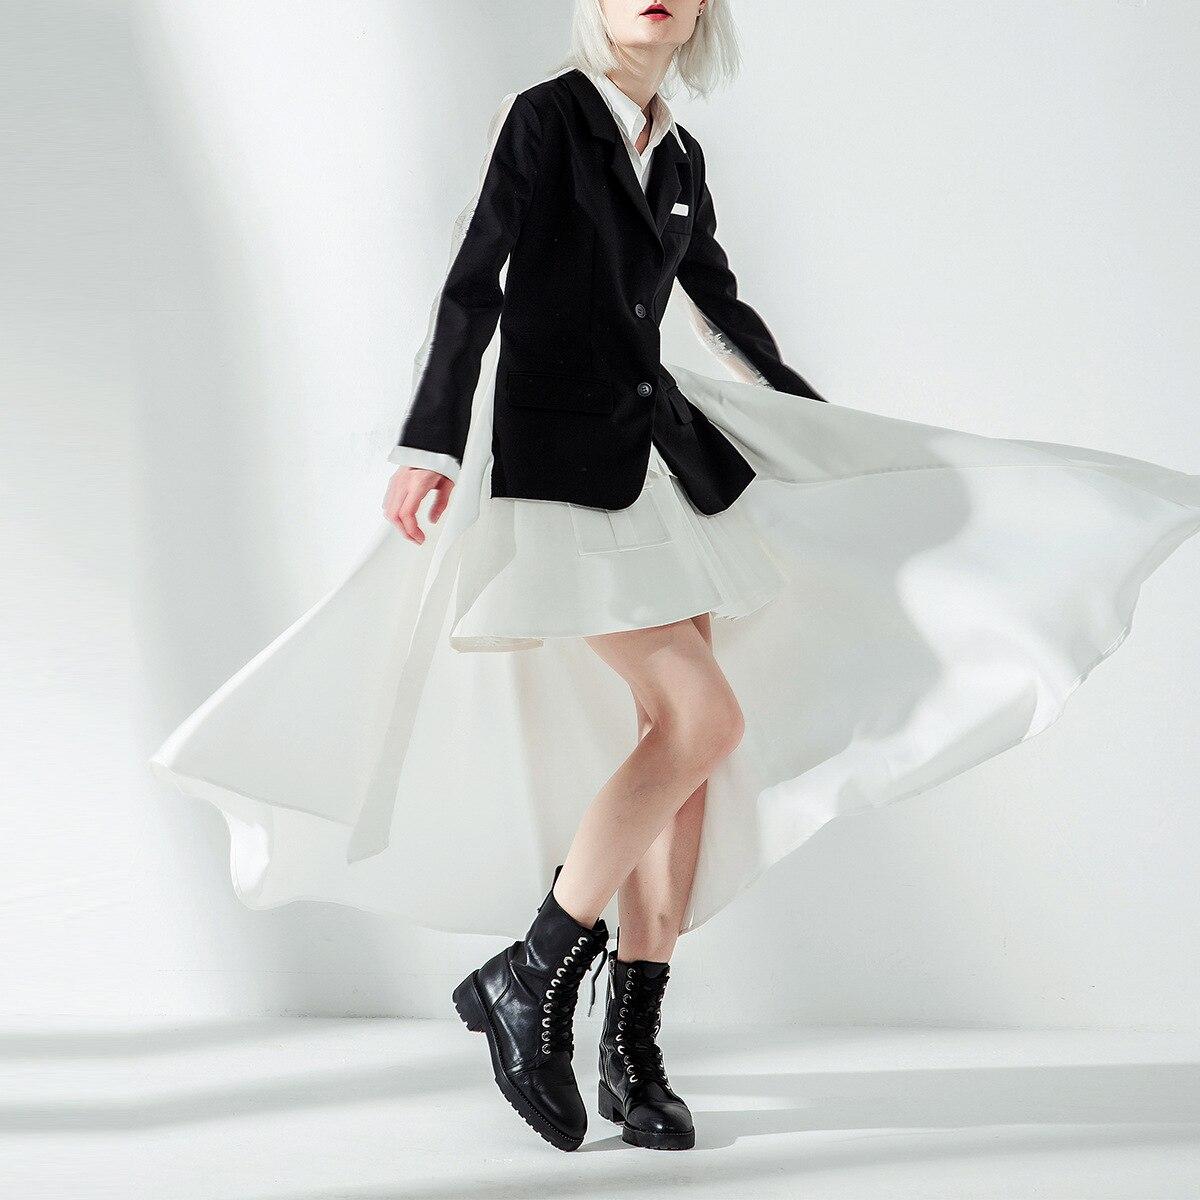 SuperAen Europa Mode Frauen Anzug Jacke Asymmetrische Frühling und Herbst Neue Jacke Weibliche 2019 Gefälschte Zwei stück Frauen Kleidung-in Basic Jacken aus Damenbekleidung bei  Gruppe 2